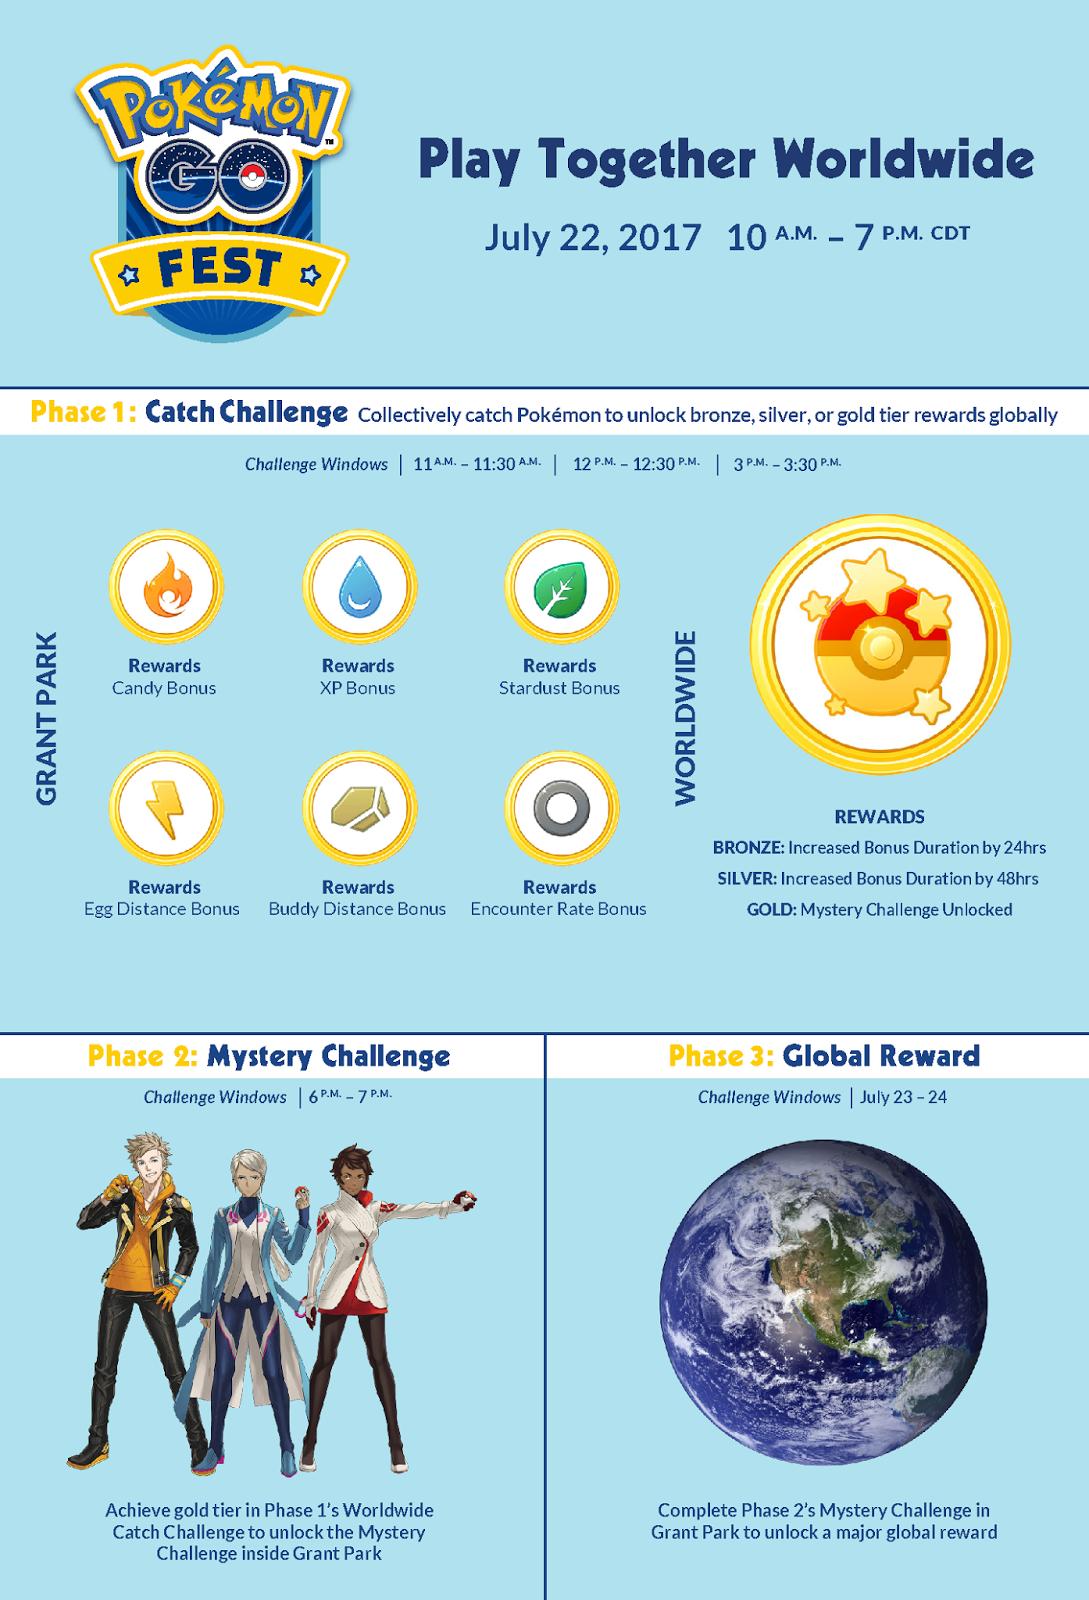 ¿El misterioso desafío de Pokémon GO Fest serán los legendarios?